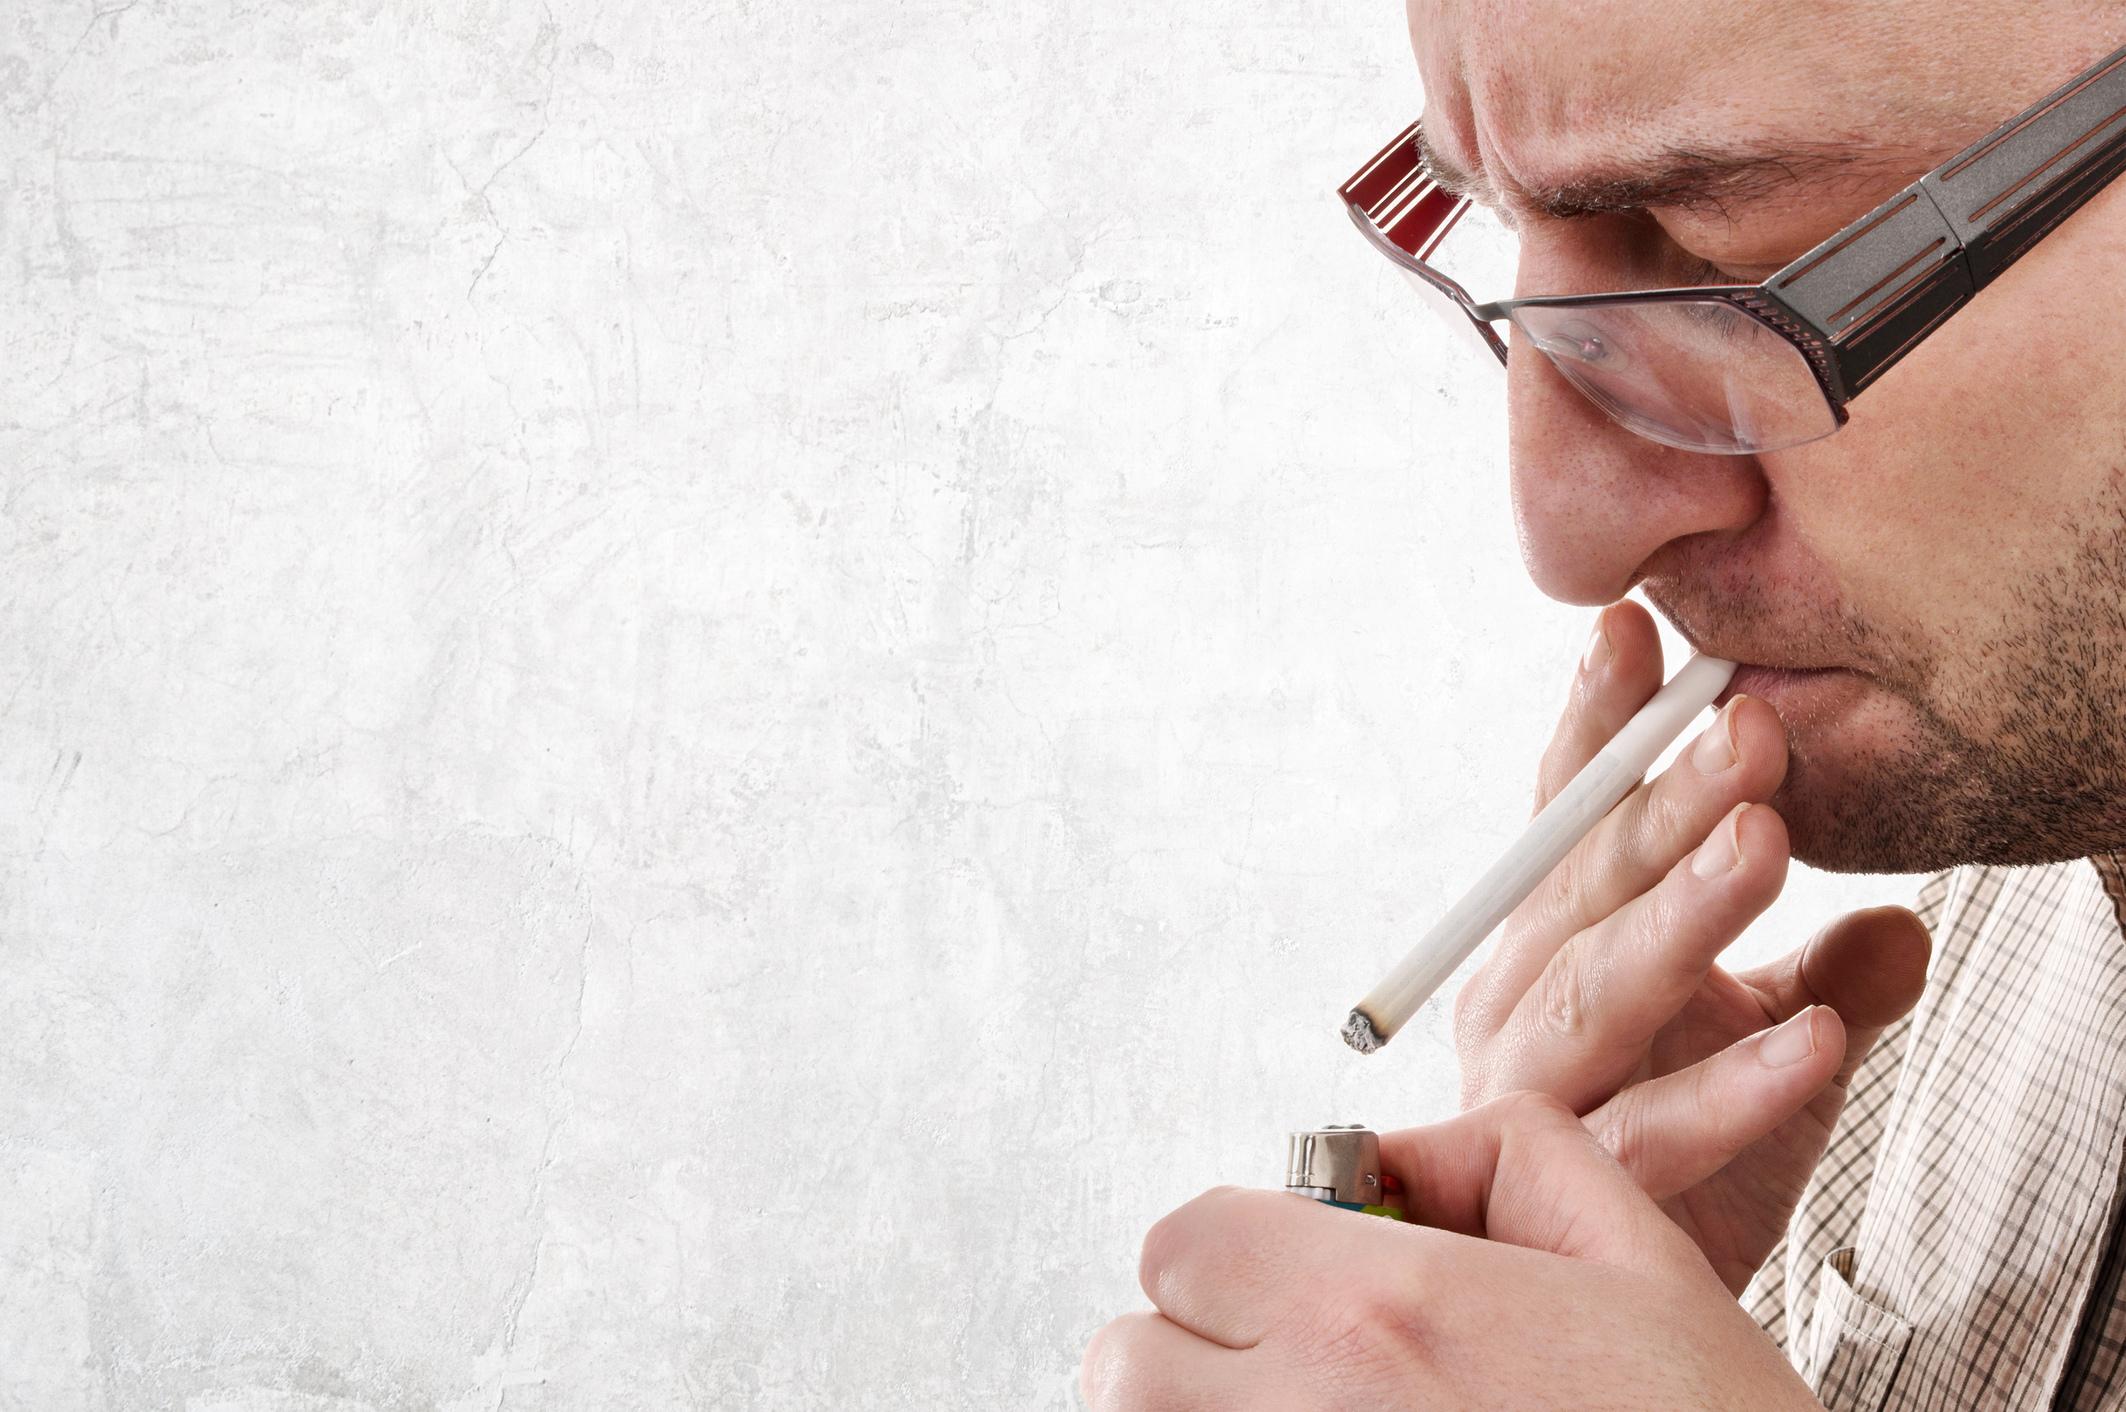 Elhízás: hogyan vágjunk neki az életmódváltásnak? - handelsplus.hu